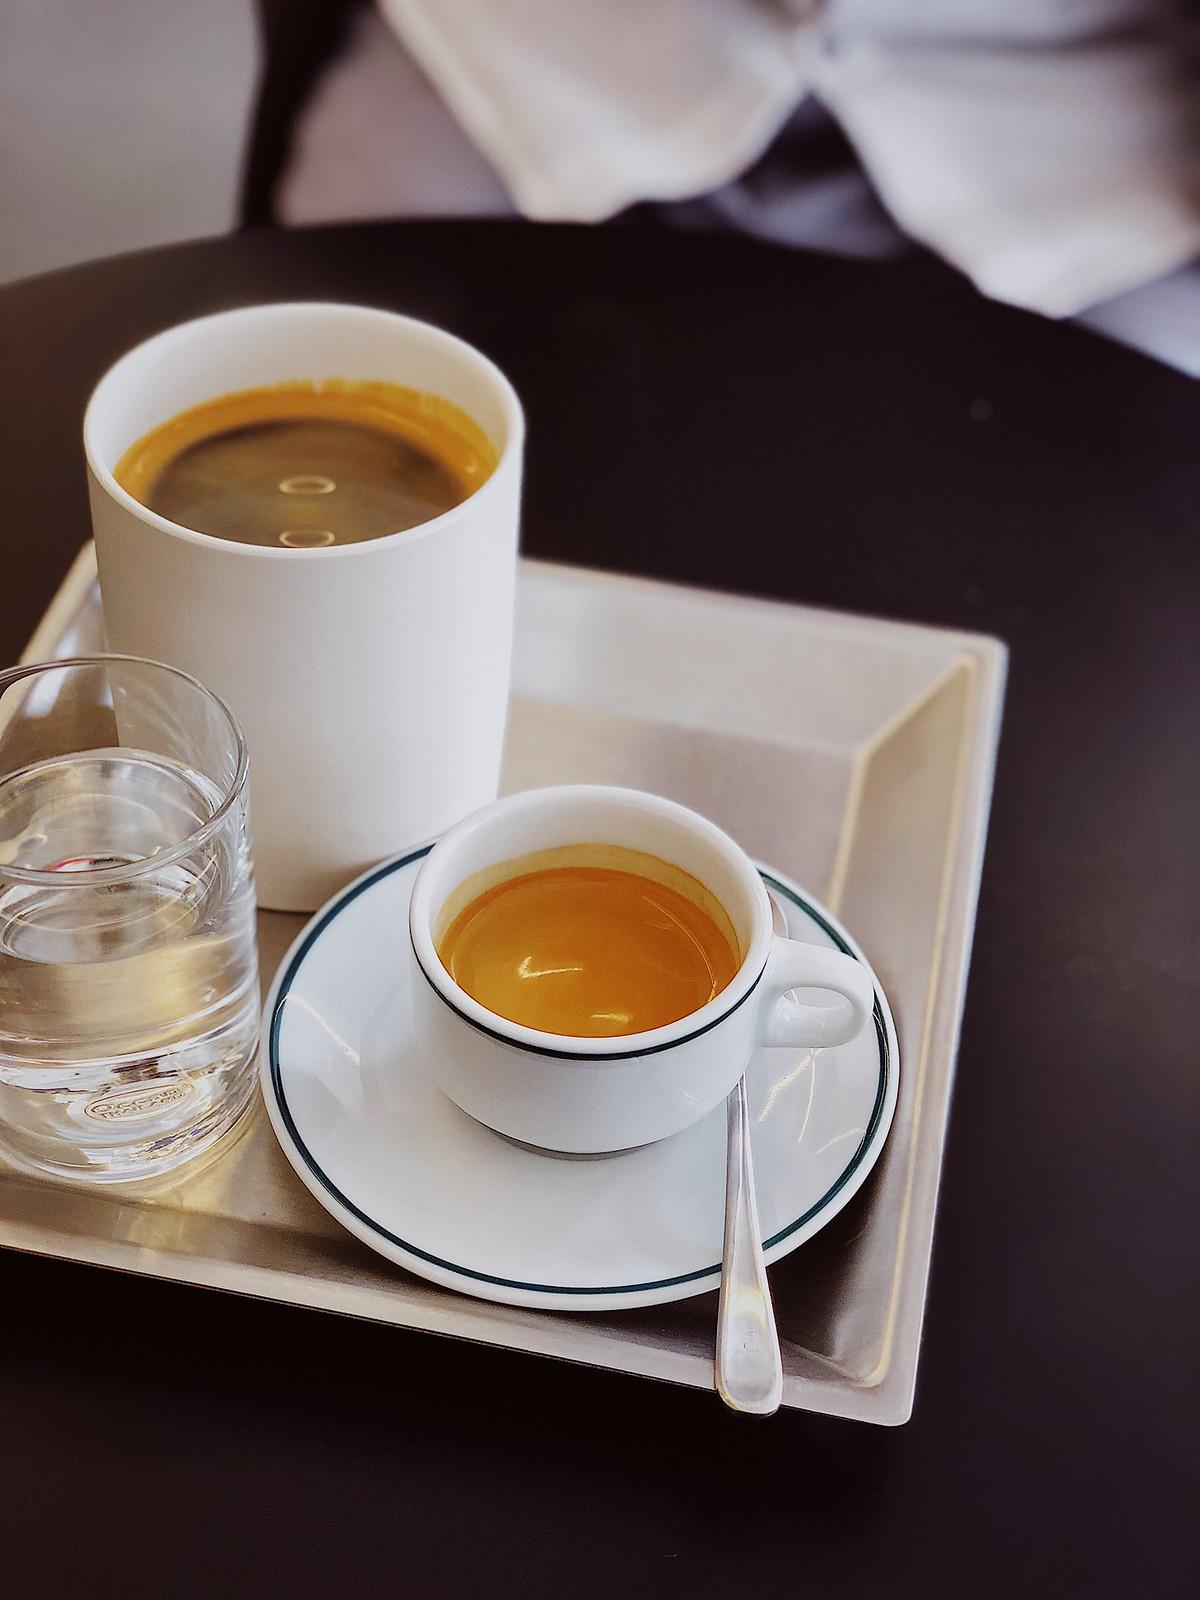 카페 세임의 아메리카노와 에스프레소